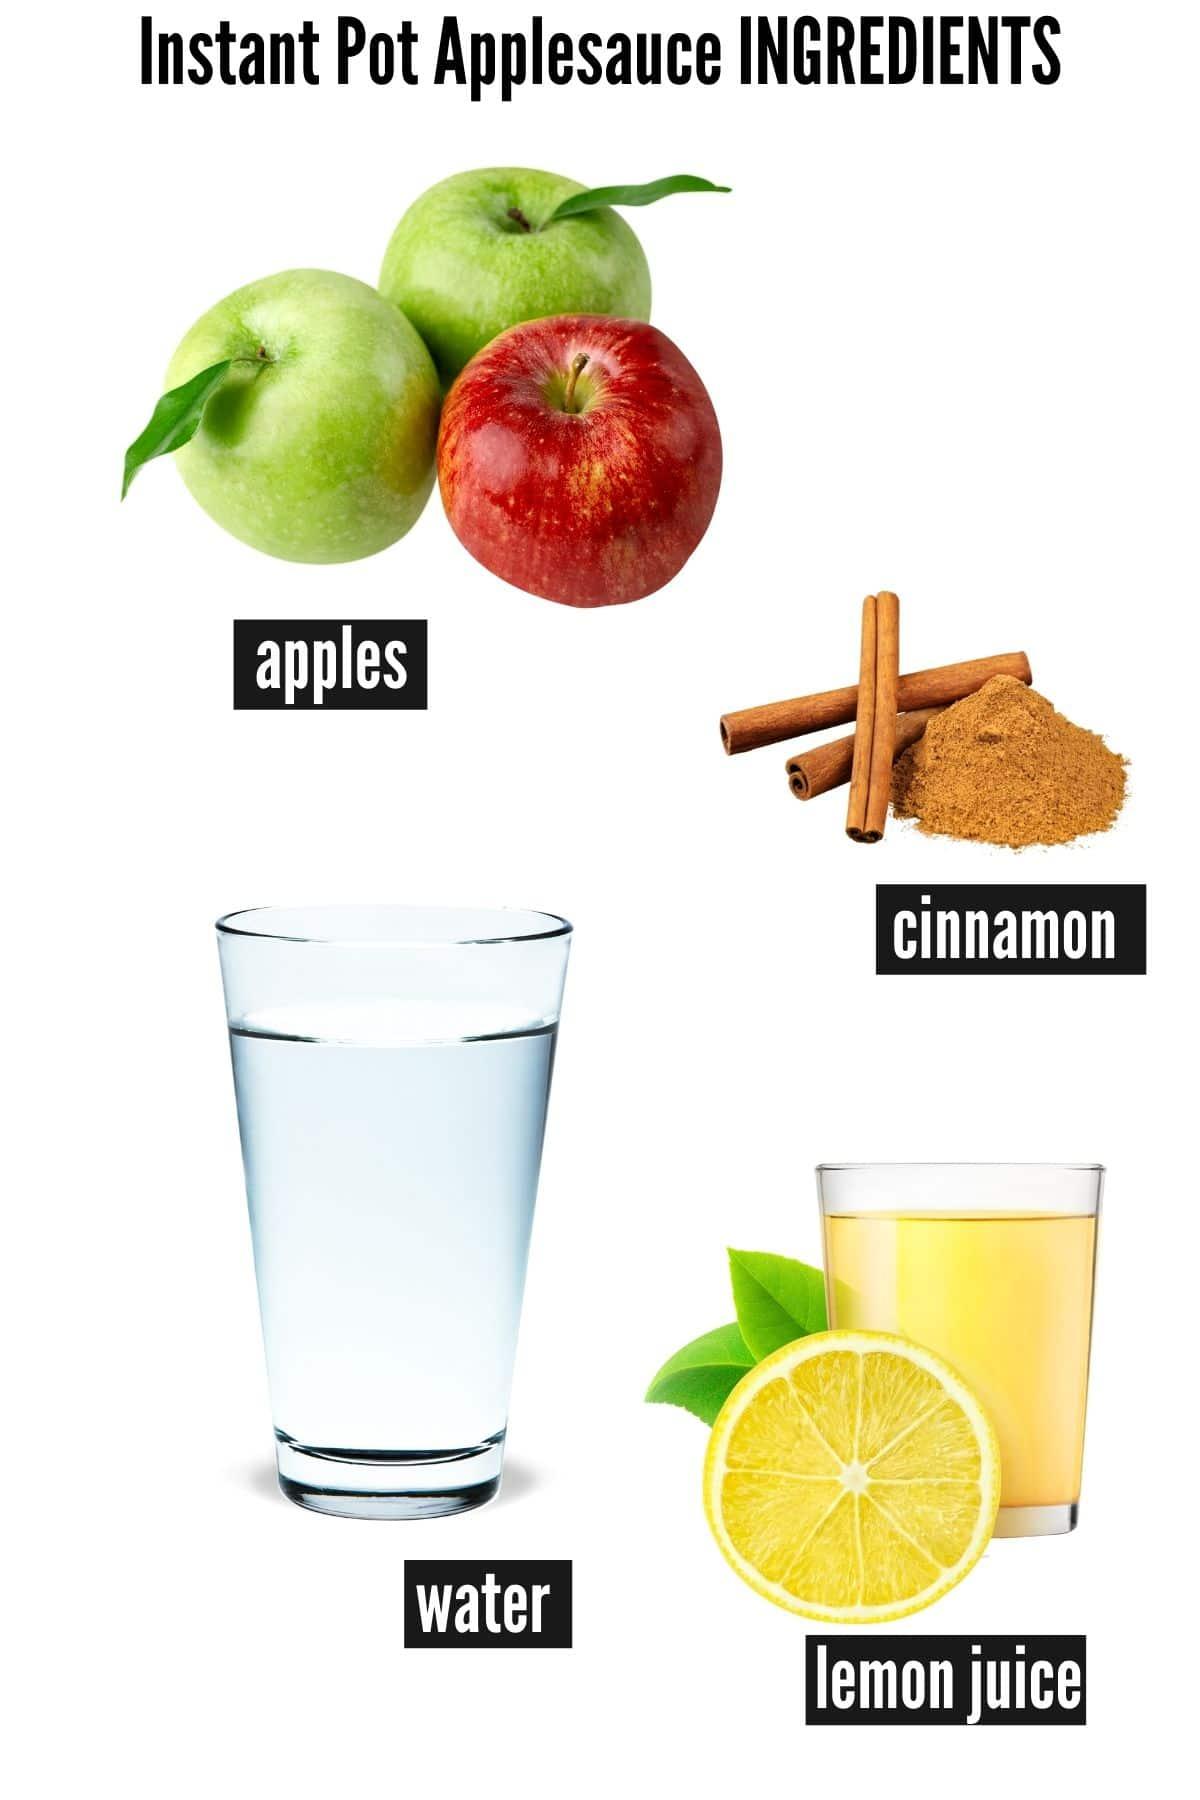 instant pot applesauce ingredients